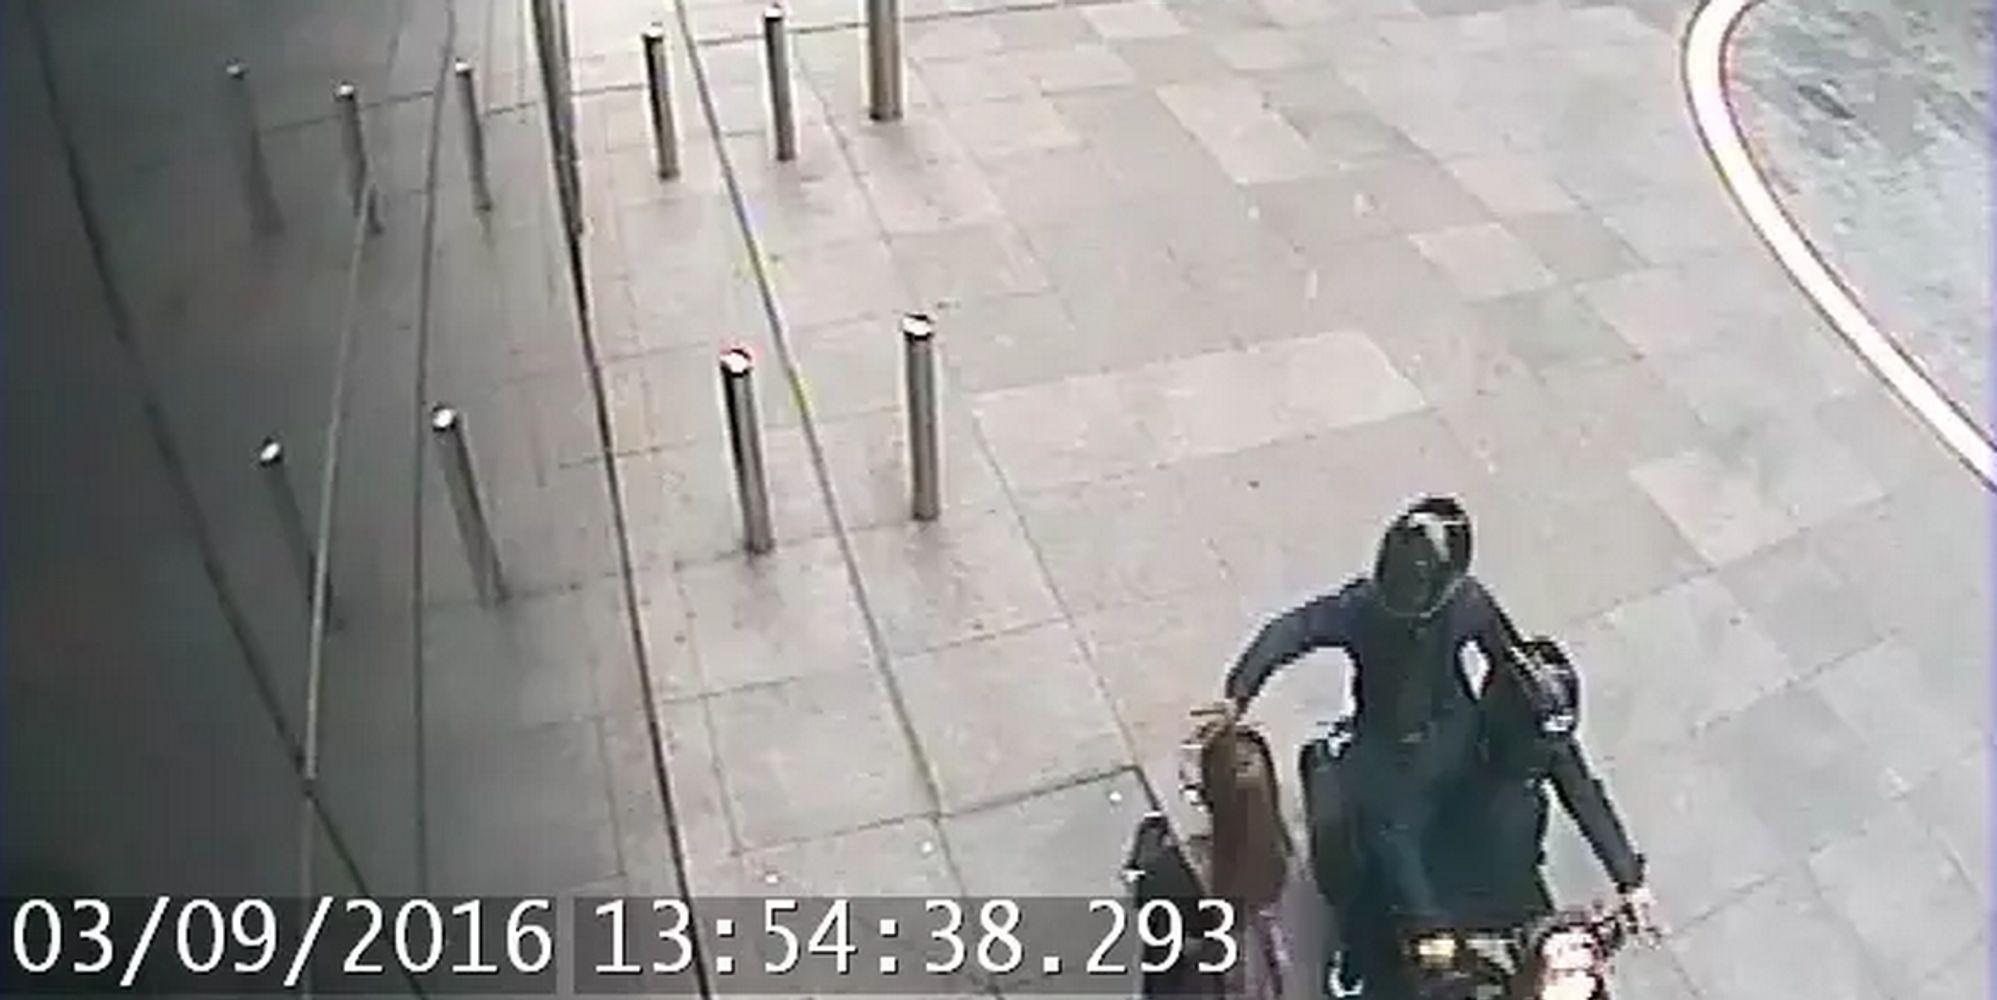 Thief - Mobil6000